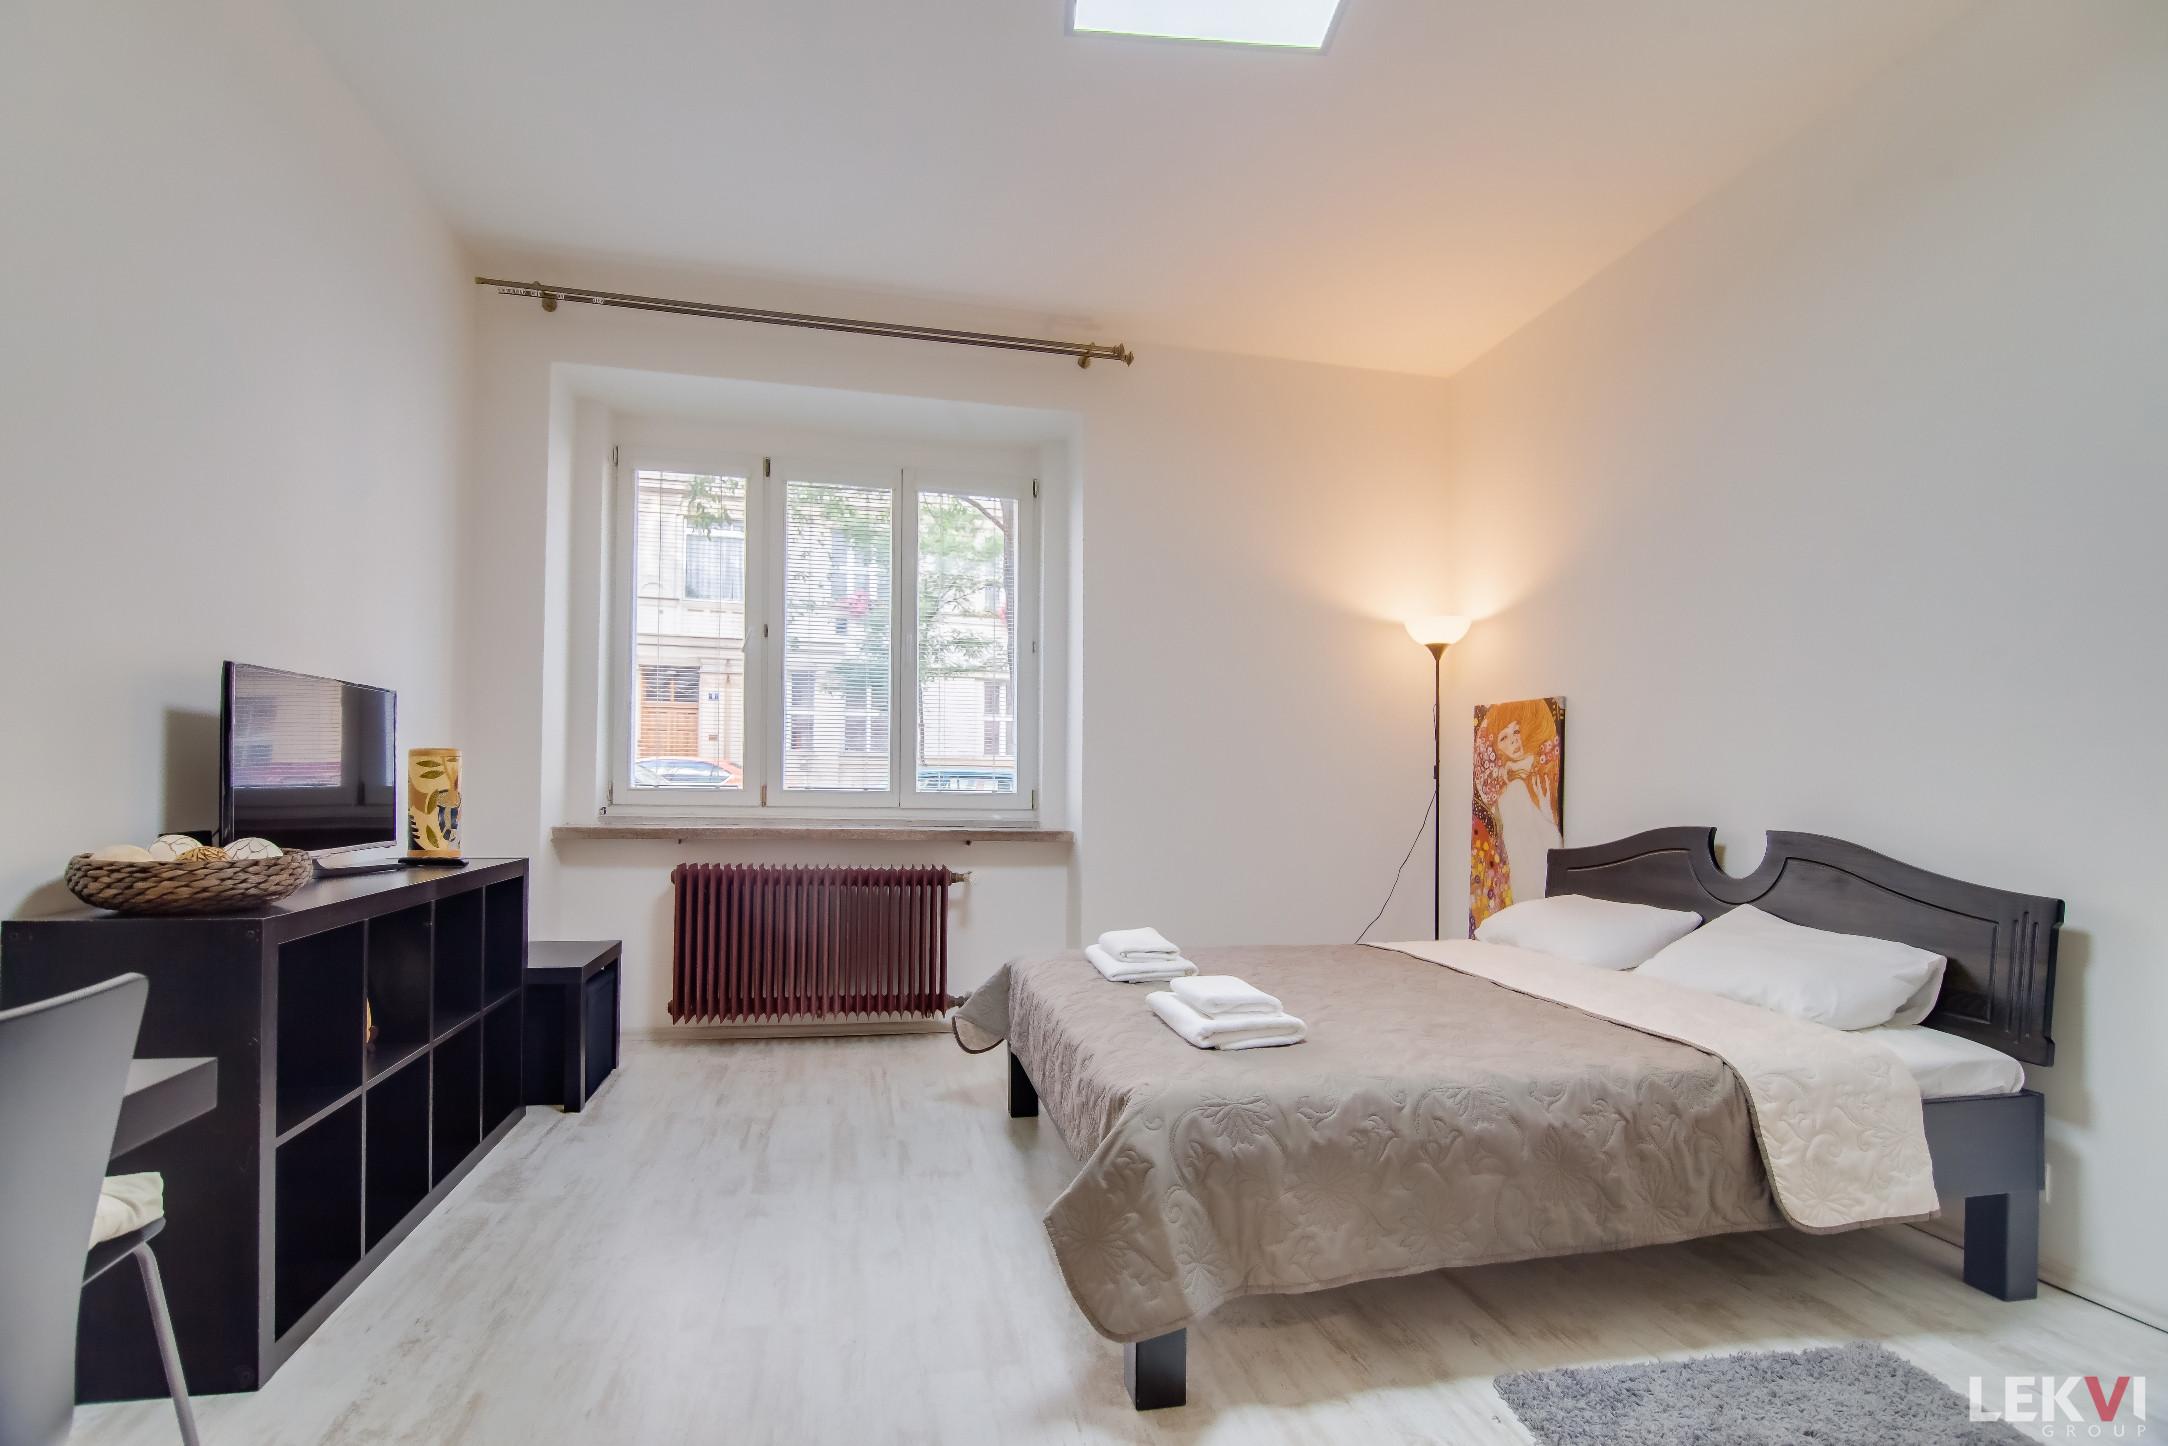 For sale flat 1+kk, 31 m2 - Baranova, Prague 3